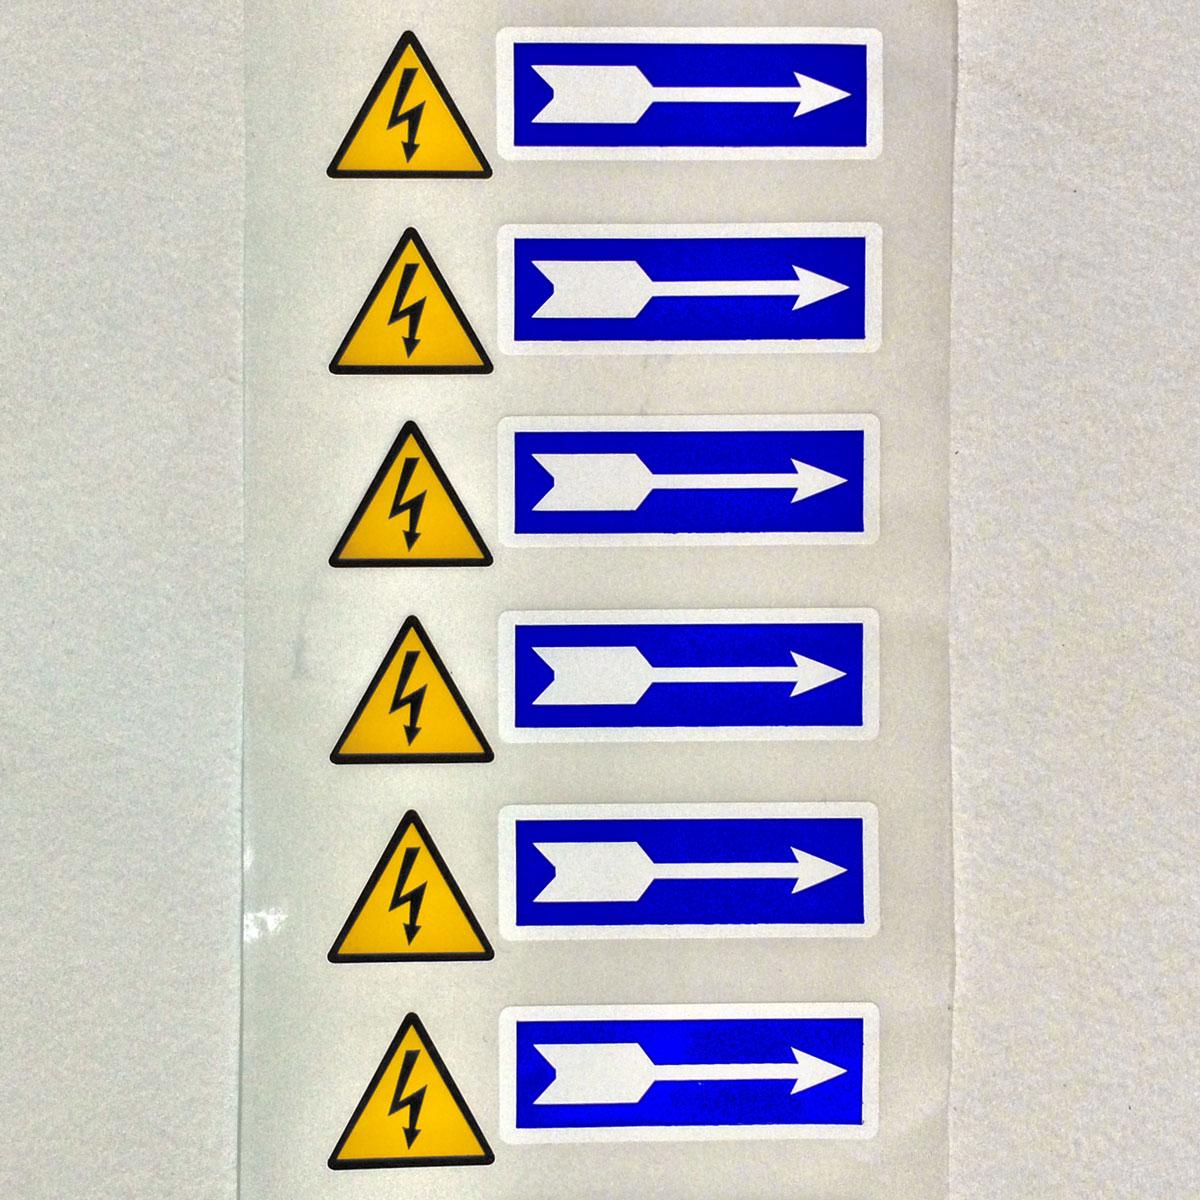 таблички со знаком пар